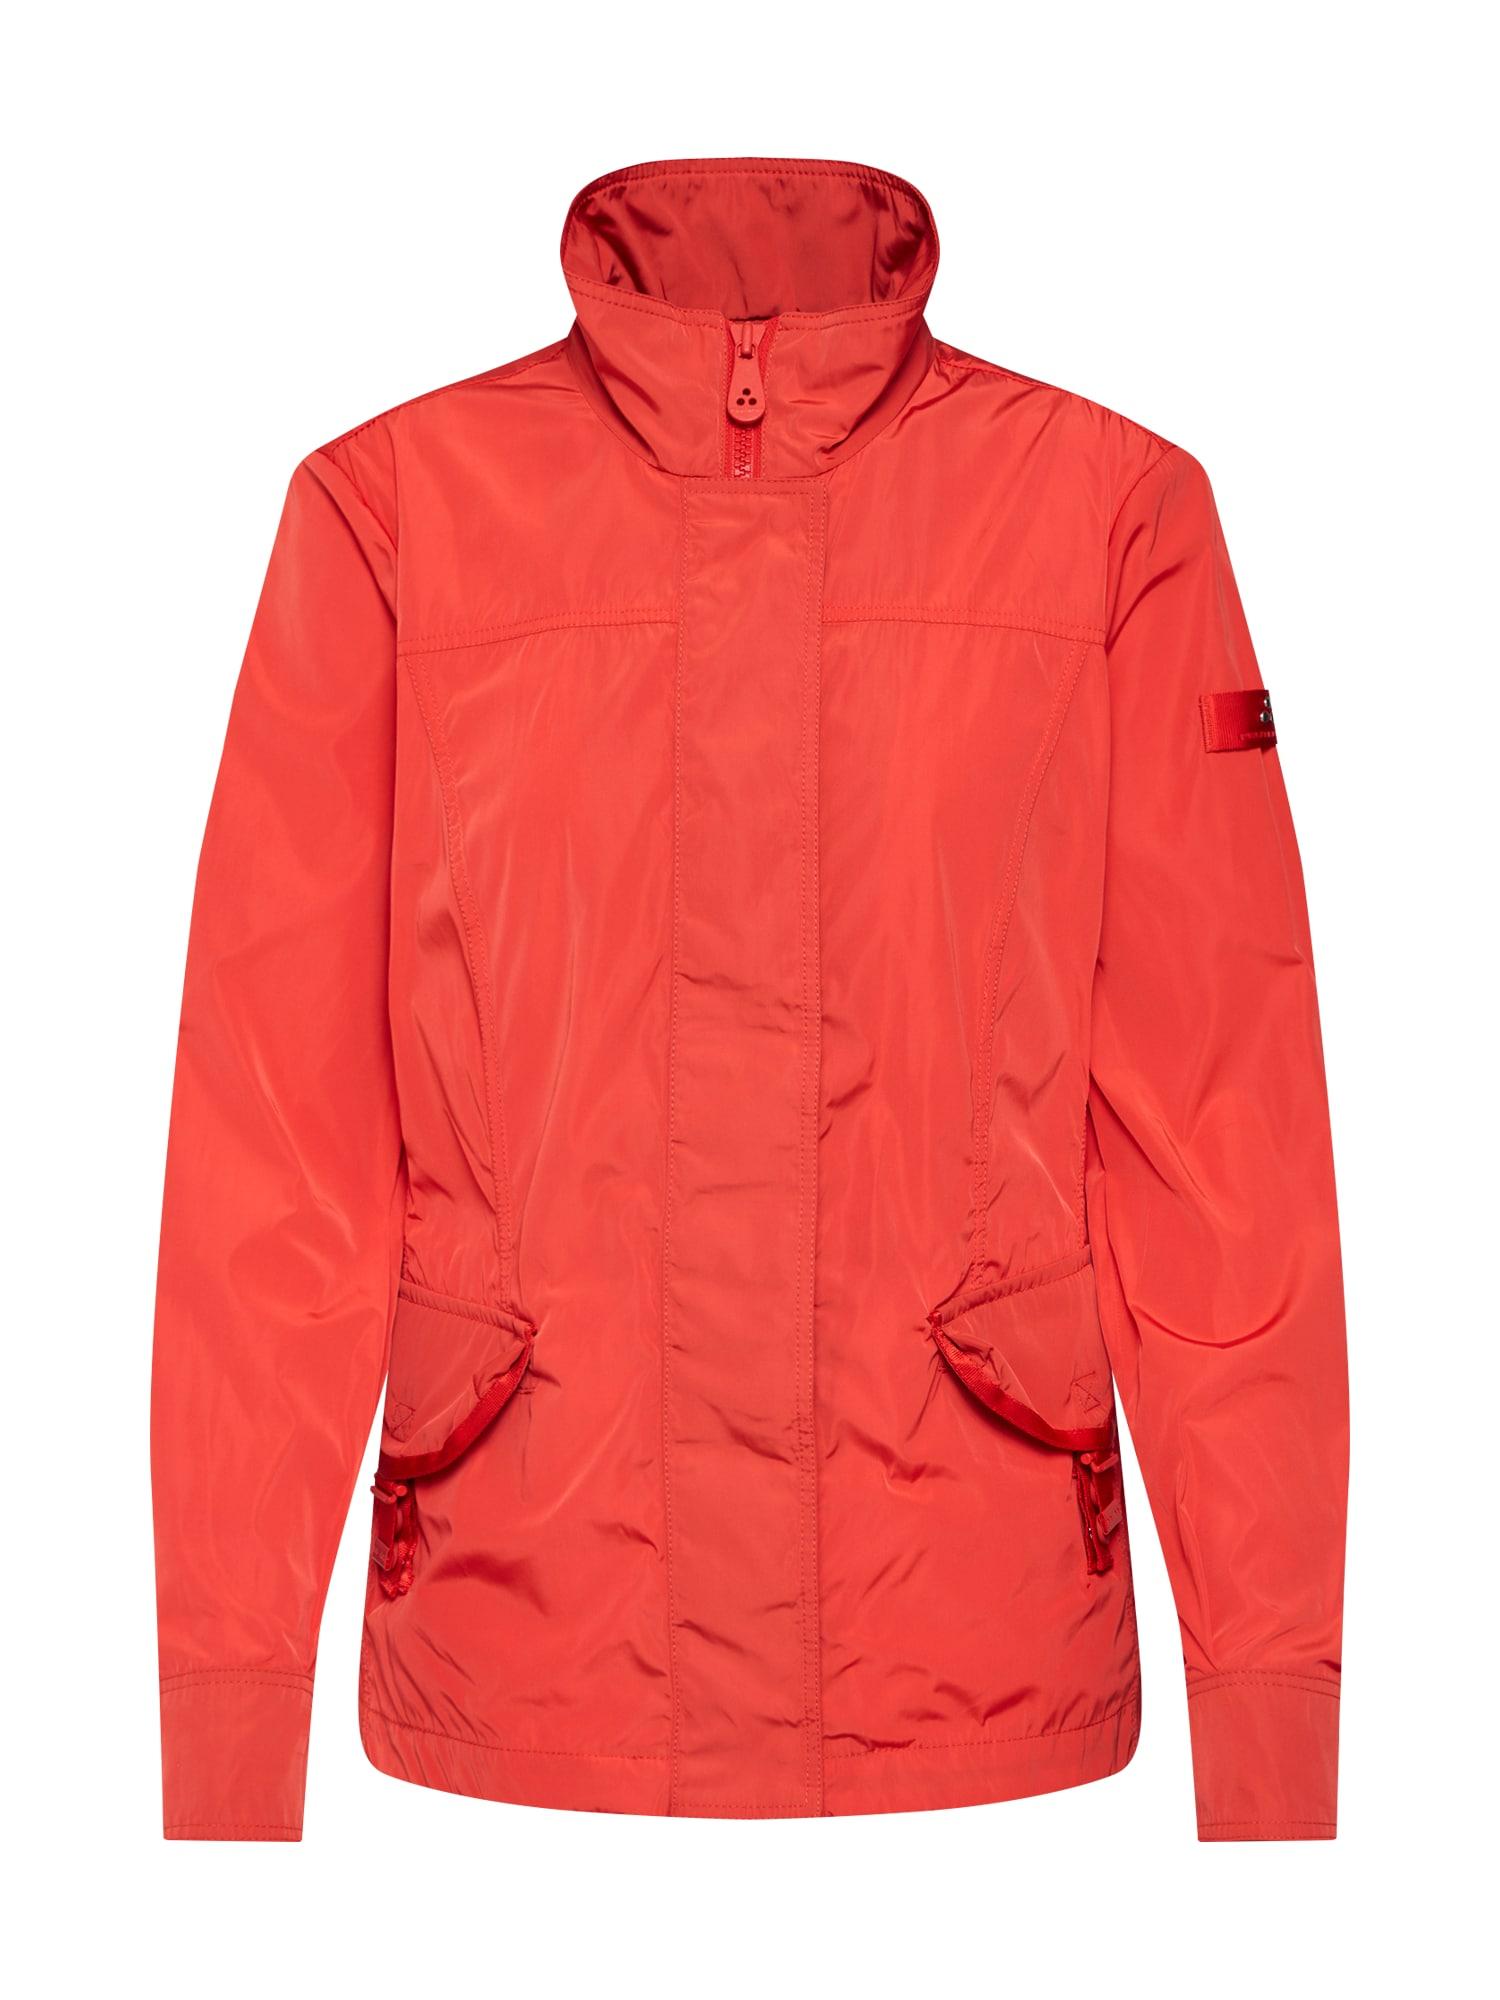 Přechodná bunda NORTH SEA SA 02 červená Peuterey